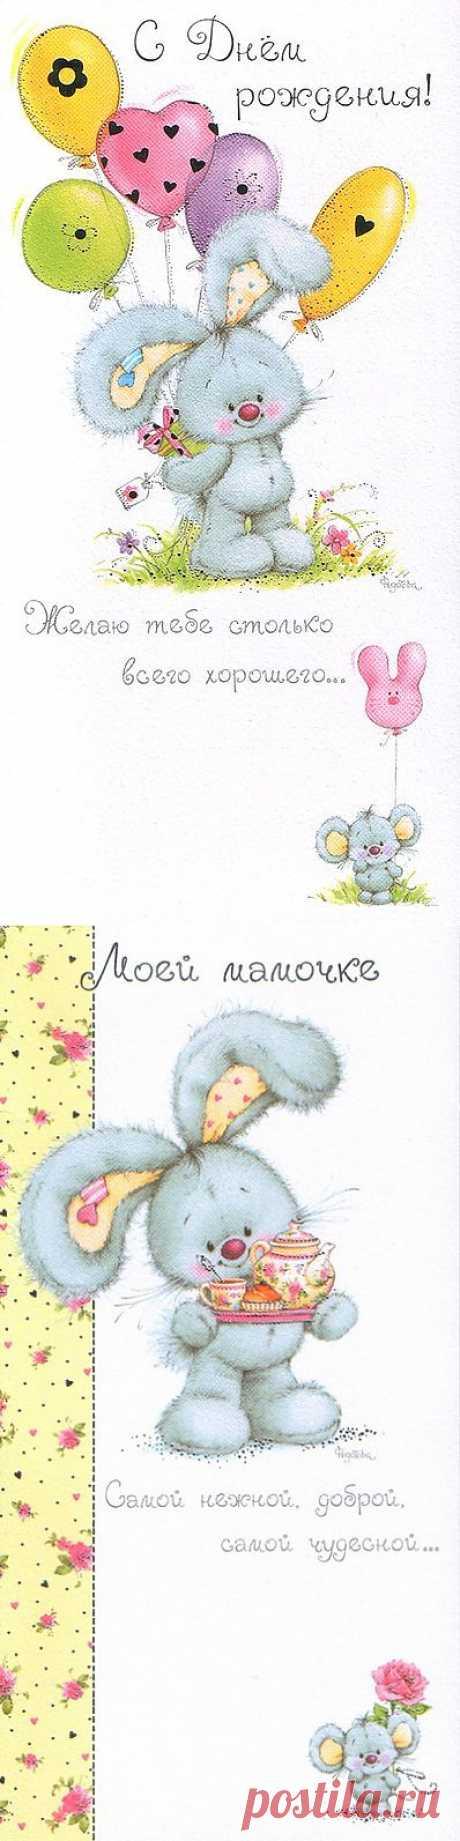 Великолепные иллюстрации и открытки Марины Федотовой.